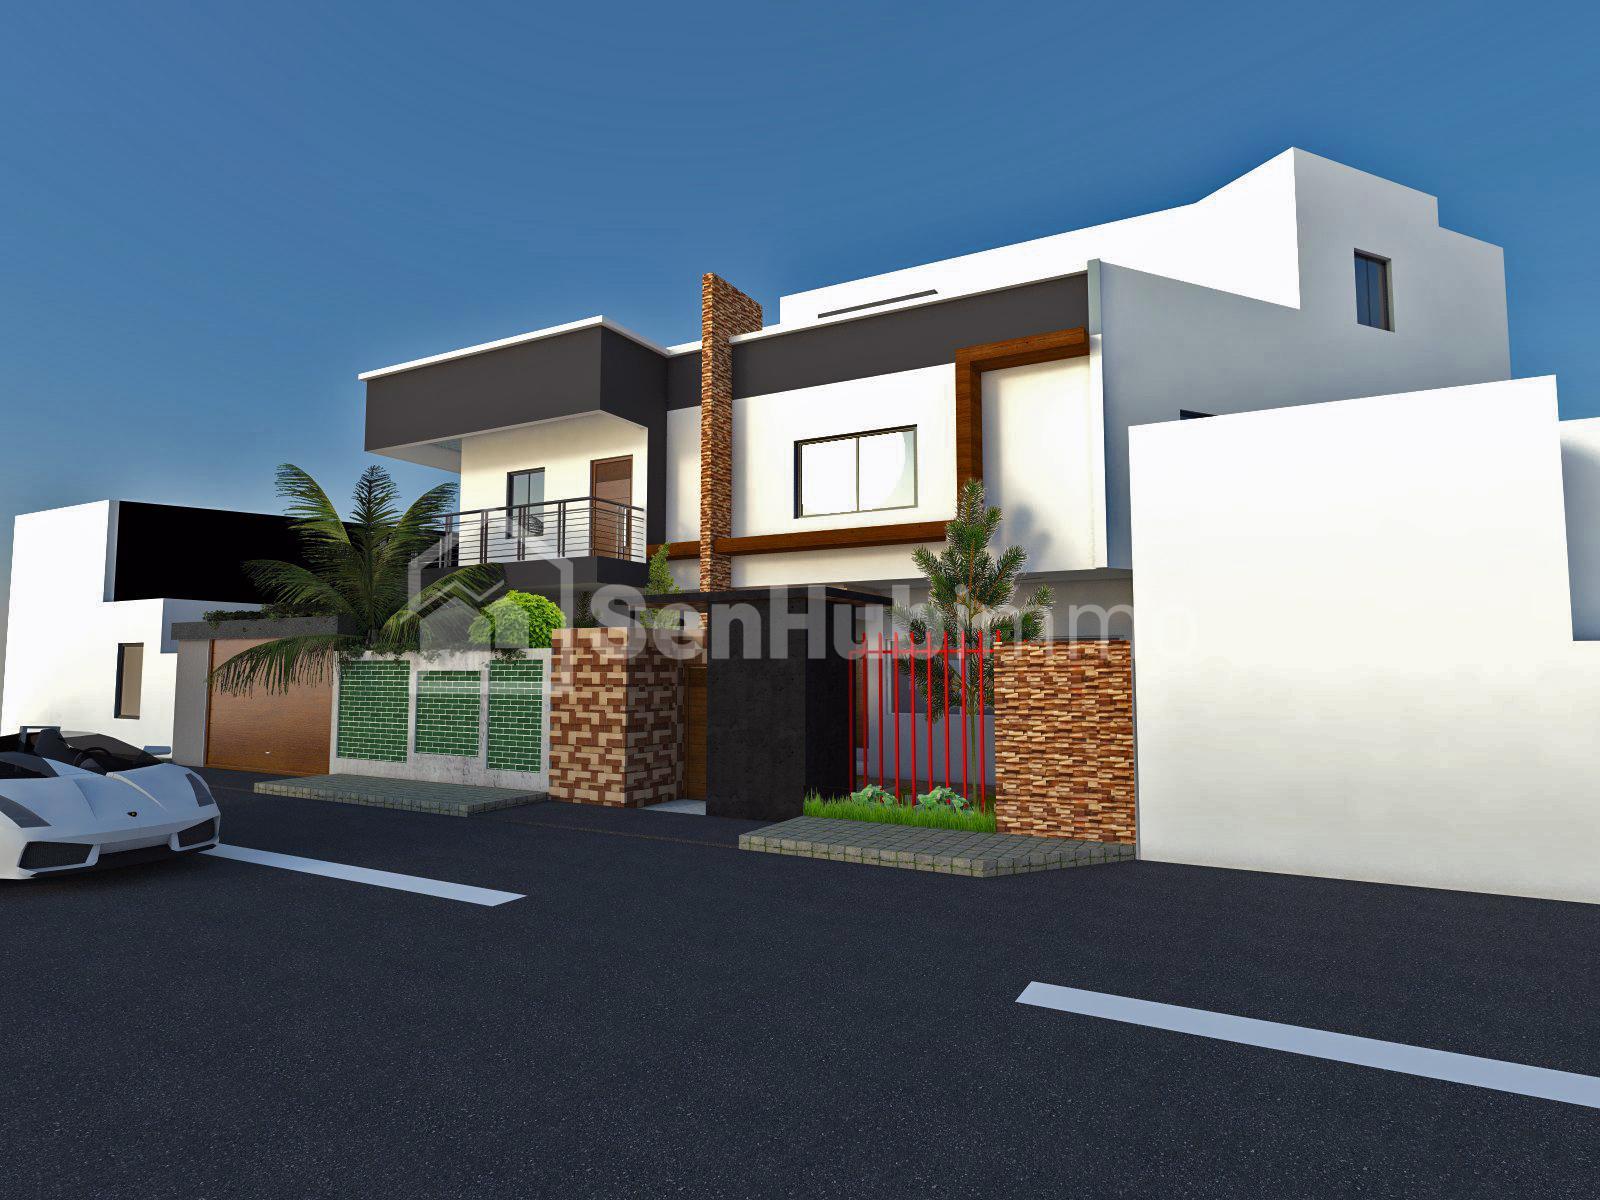 Villa à louer à Sacré Cœur - SenhubImmo.com